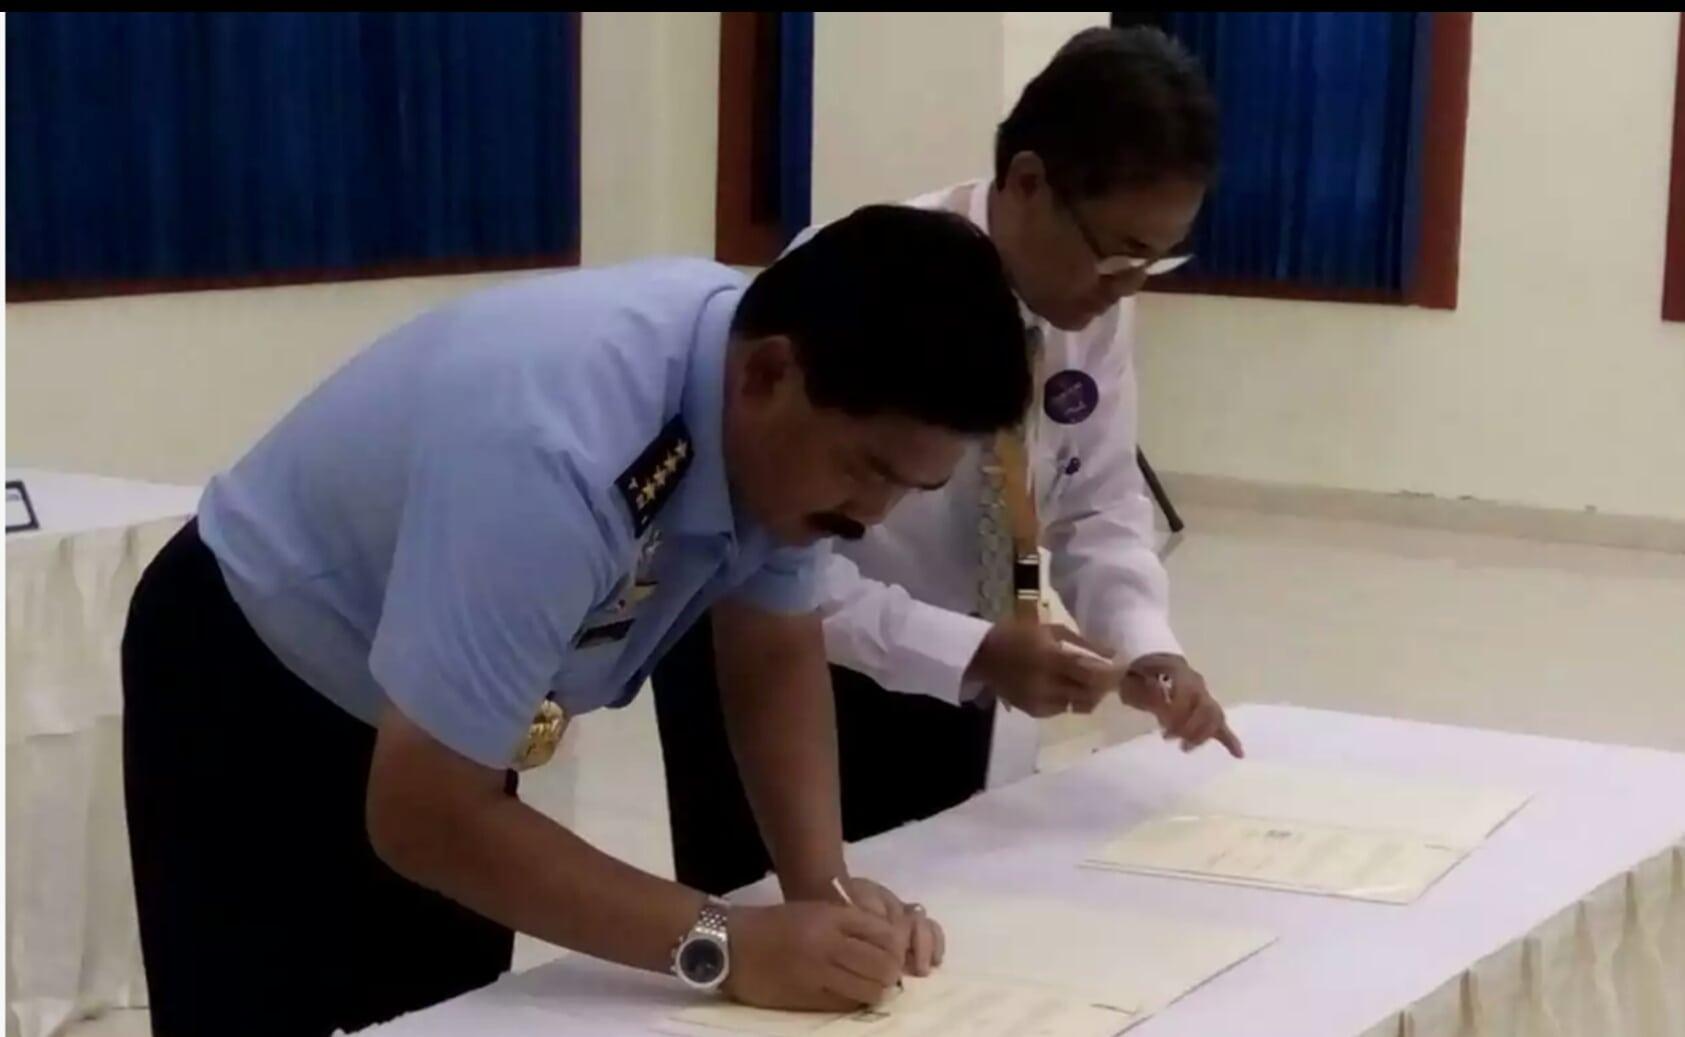 MoU TNI AU dan UGM, Tentang Pendidikan, Penelitian, Dan Pengabdian Kepada Masyarakat